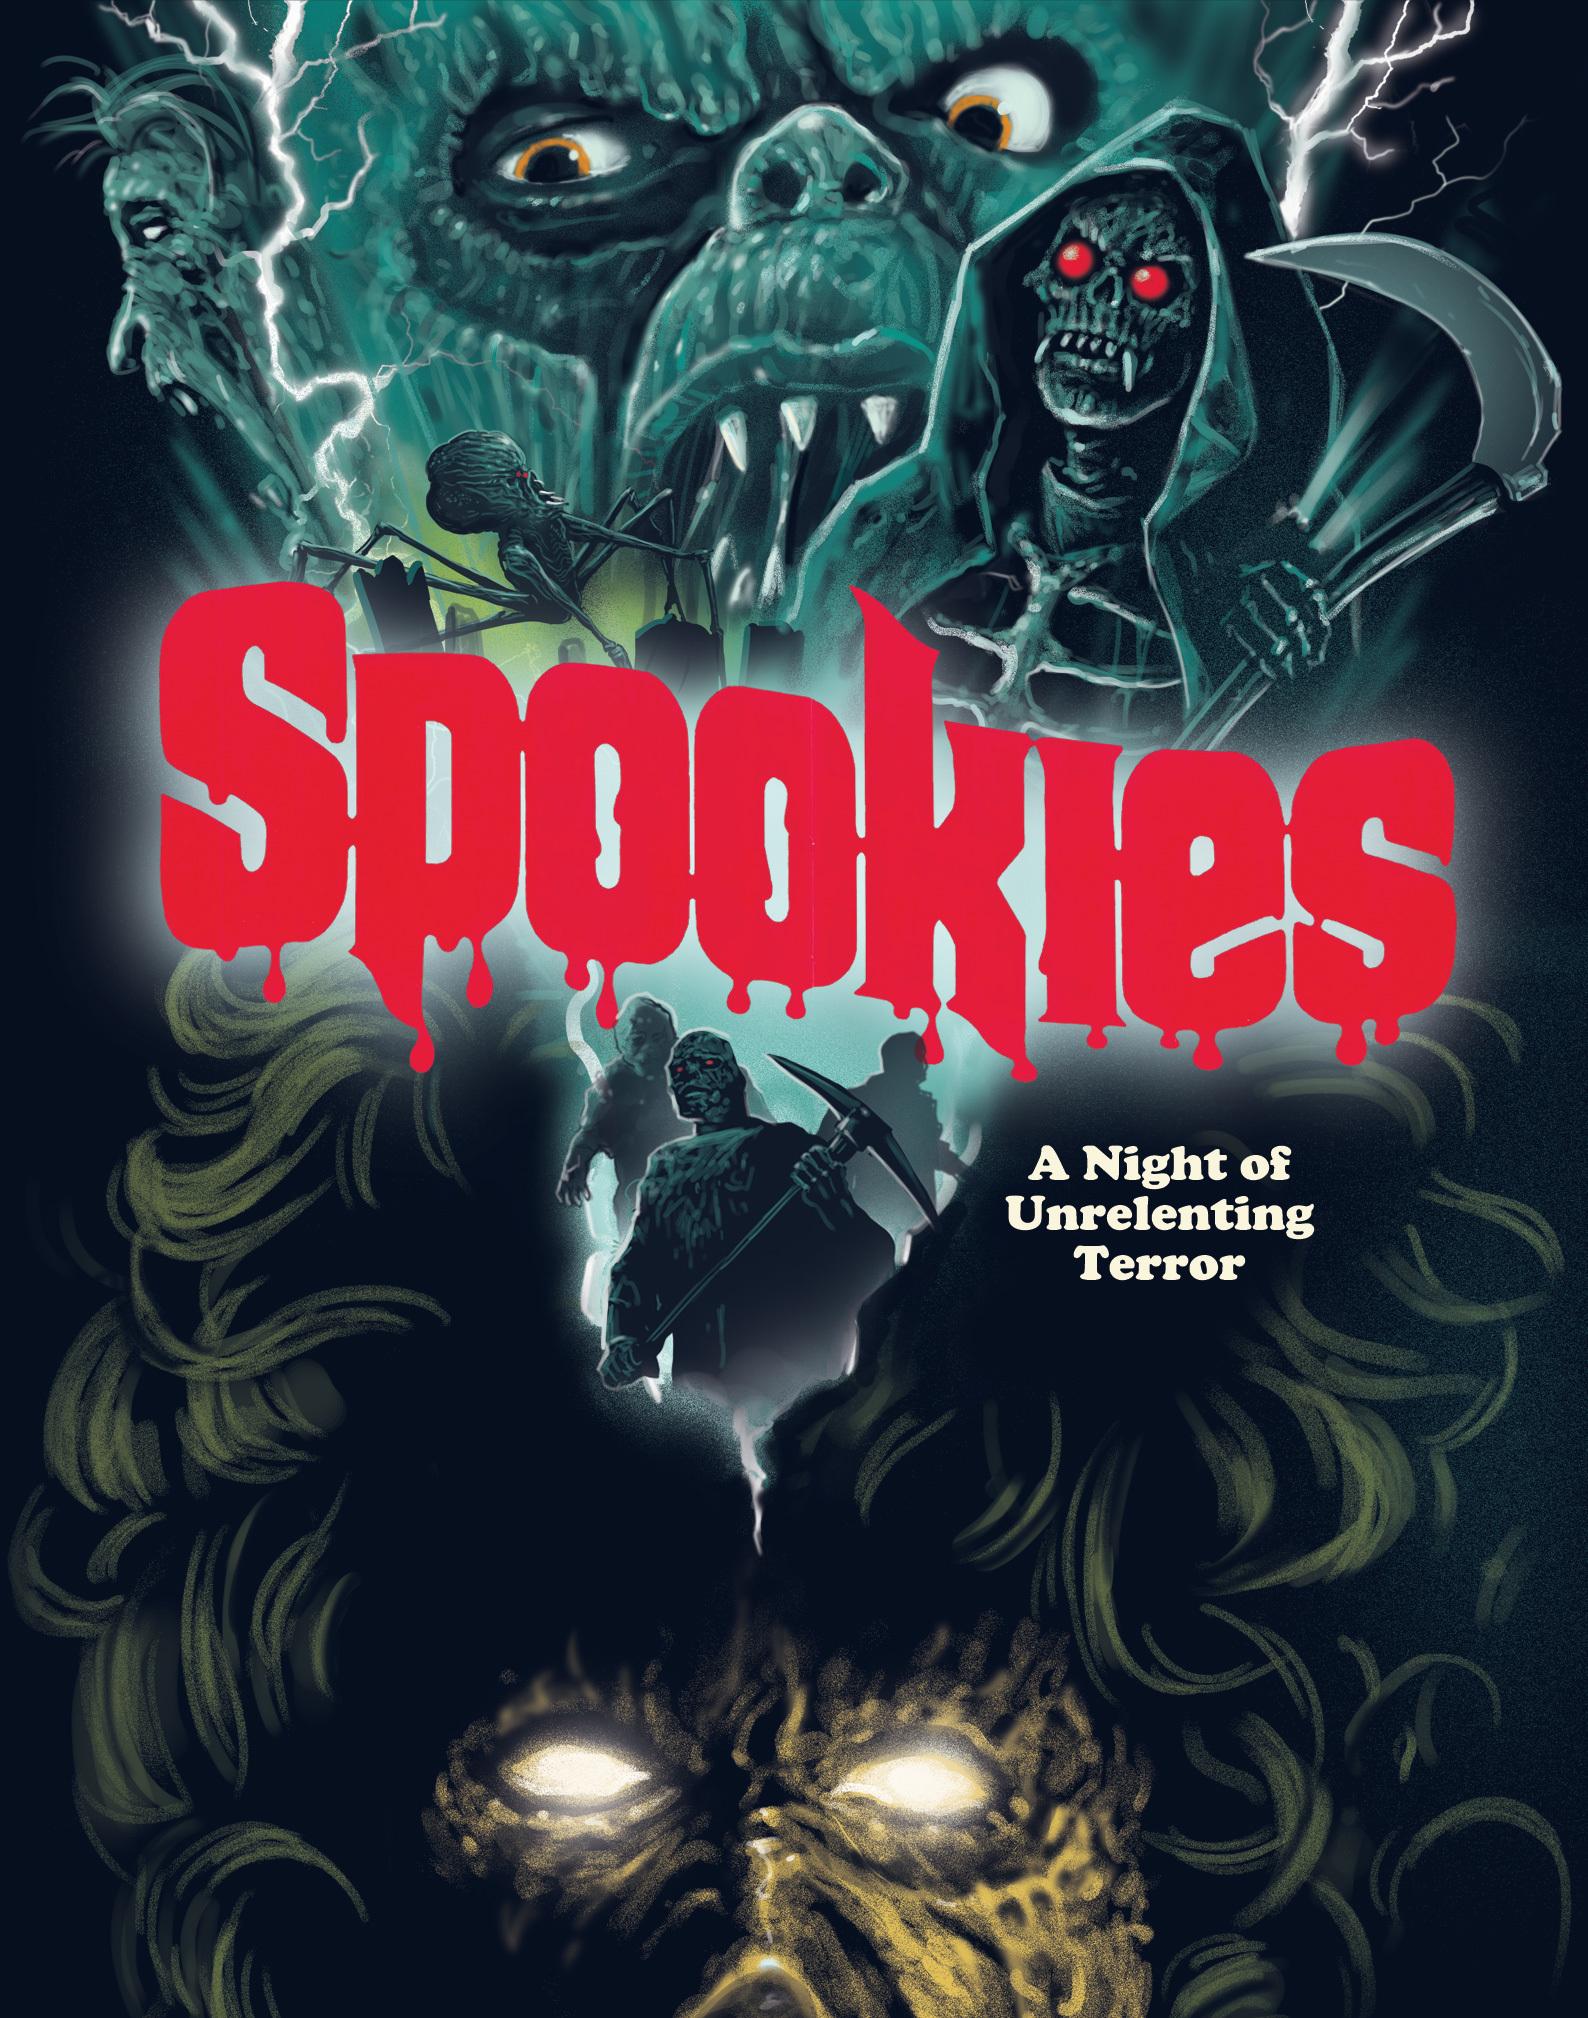 Spookies Blu-ray